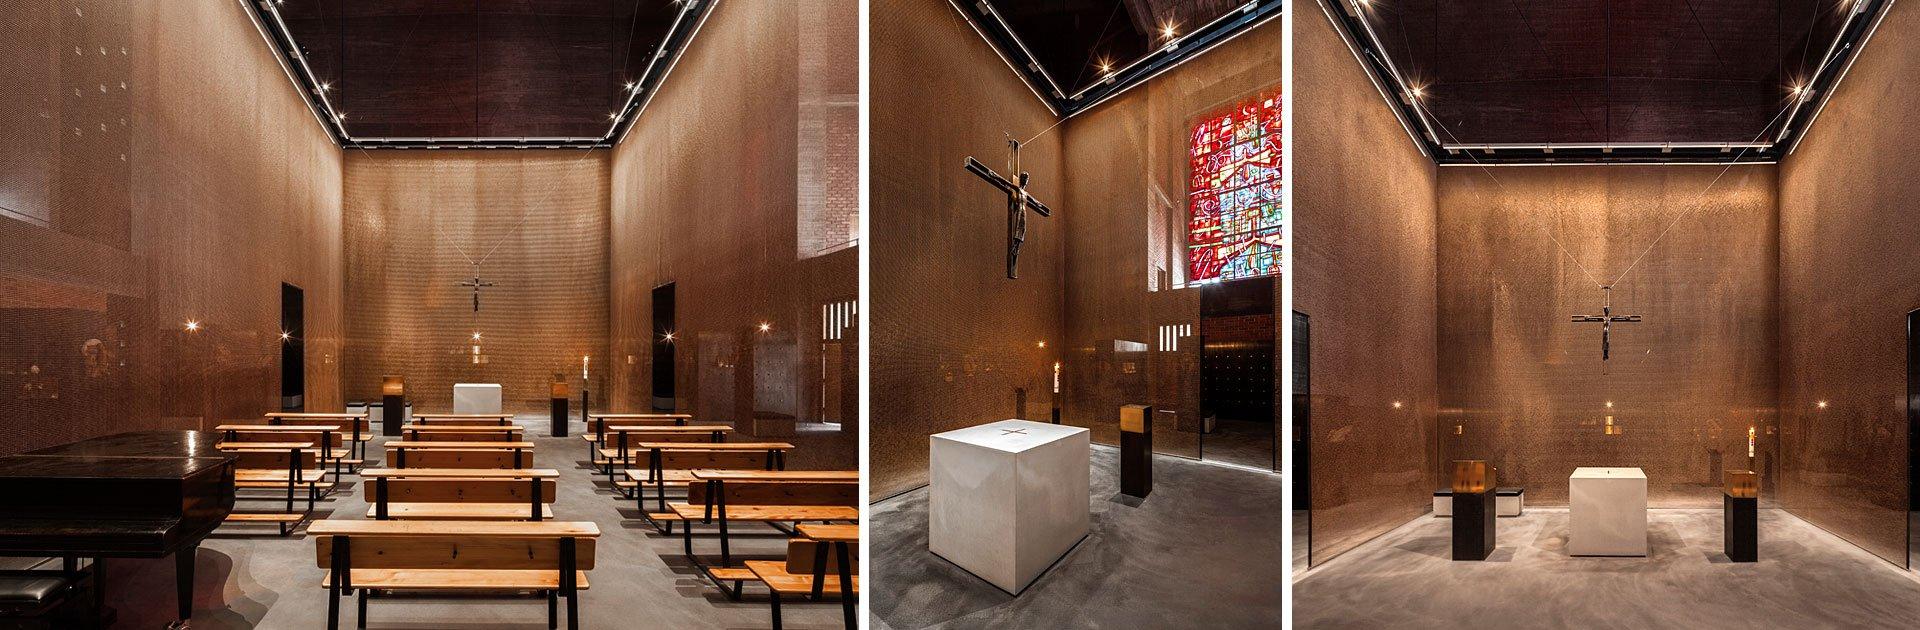 Grabeskirche St. Bartholomäus Köln